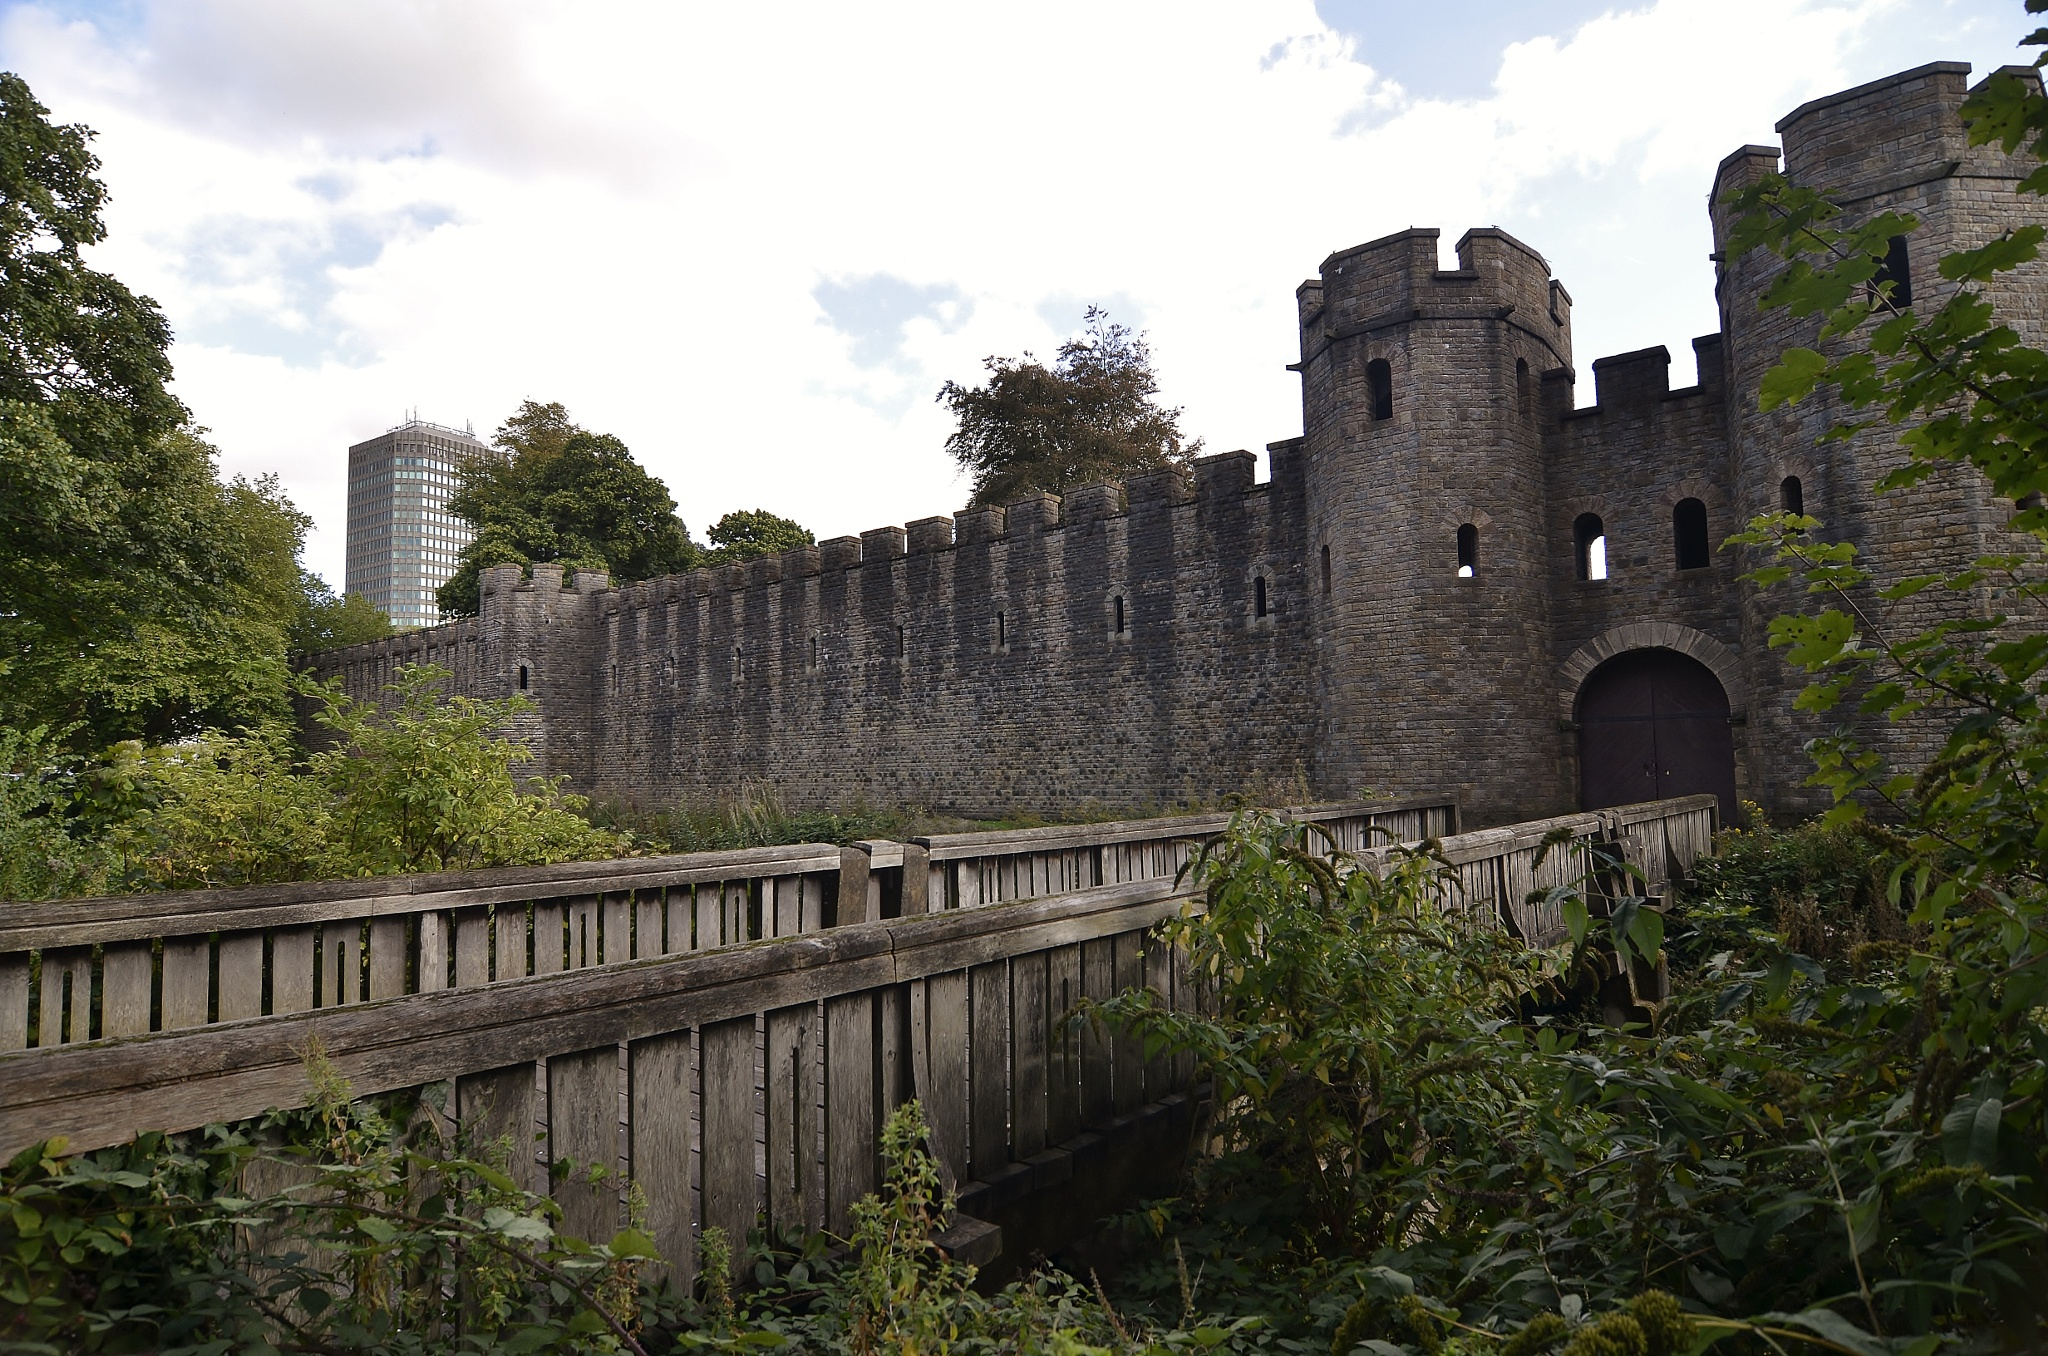 Cardiff Castle by melaniehartshorn40